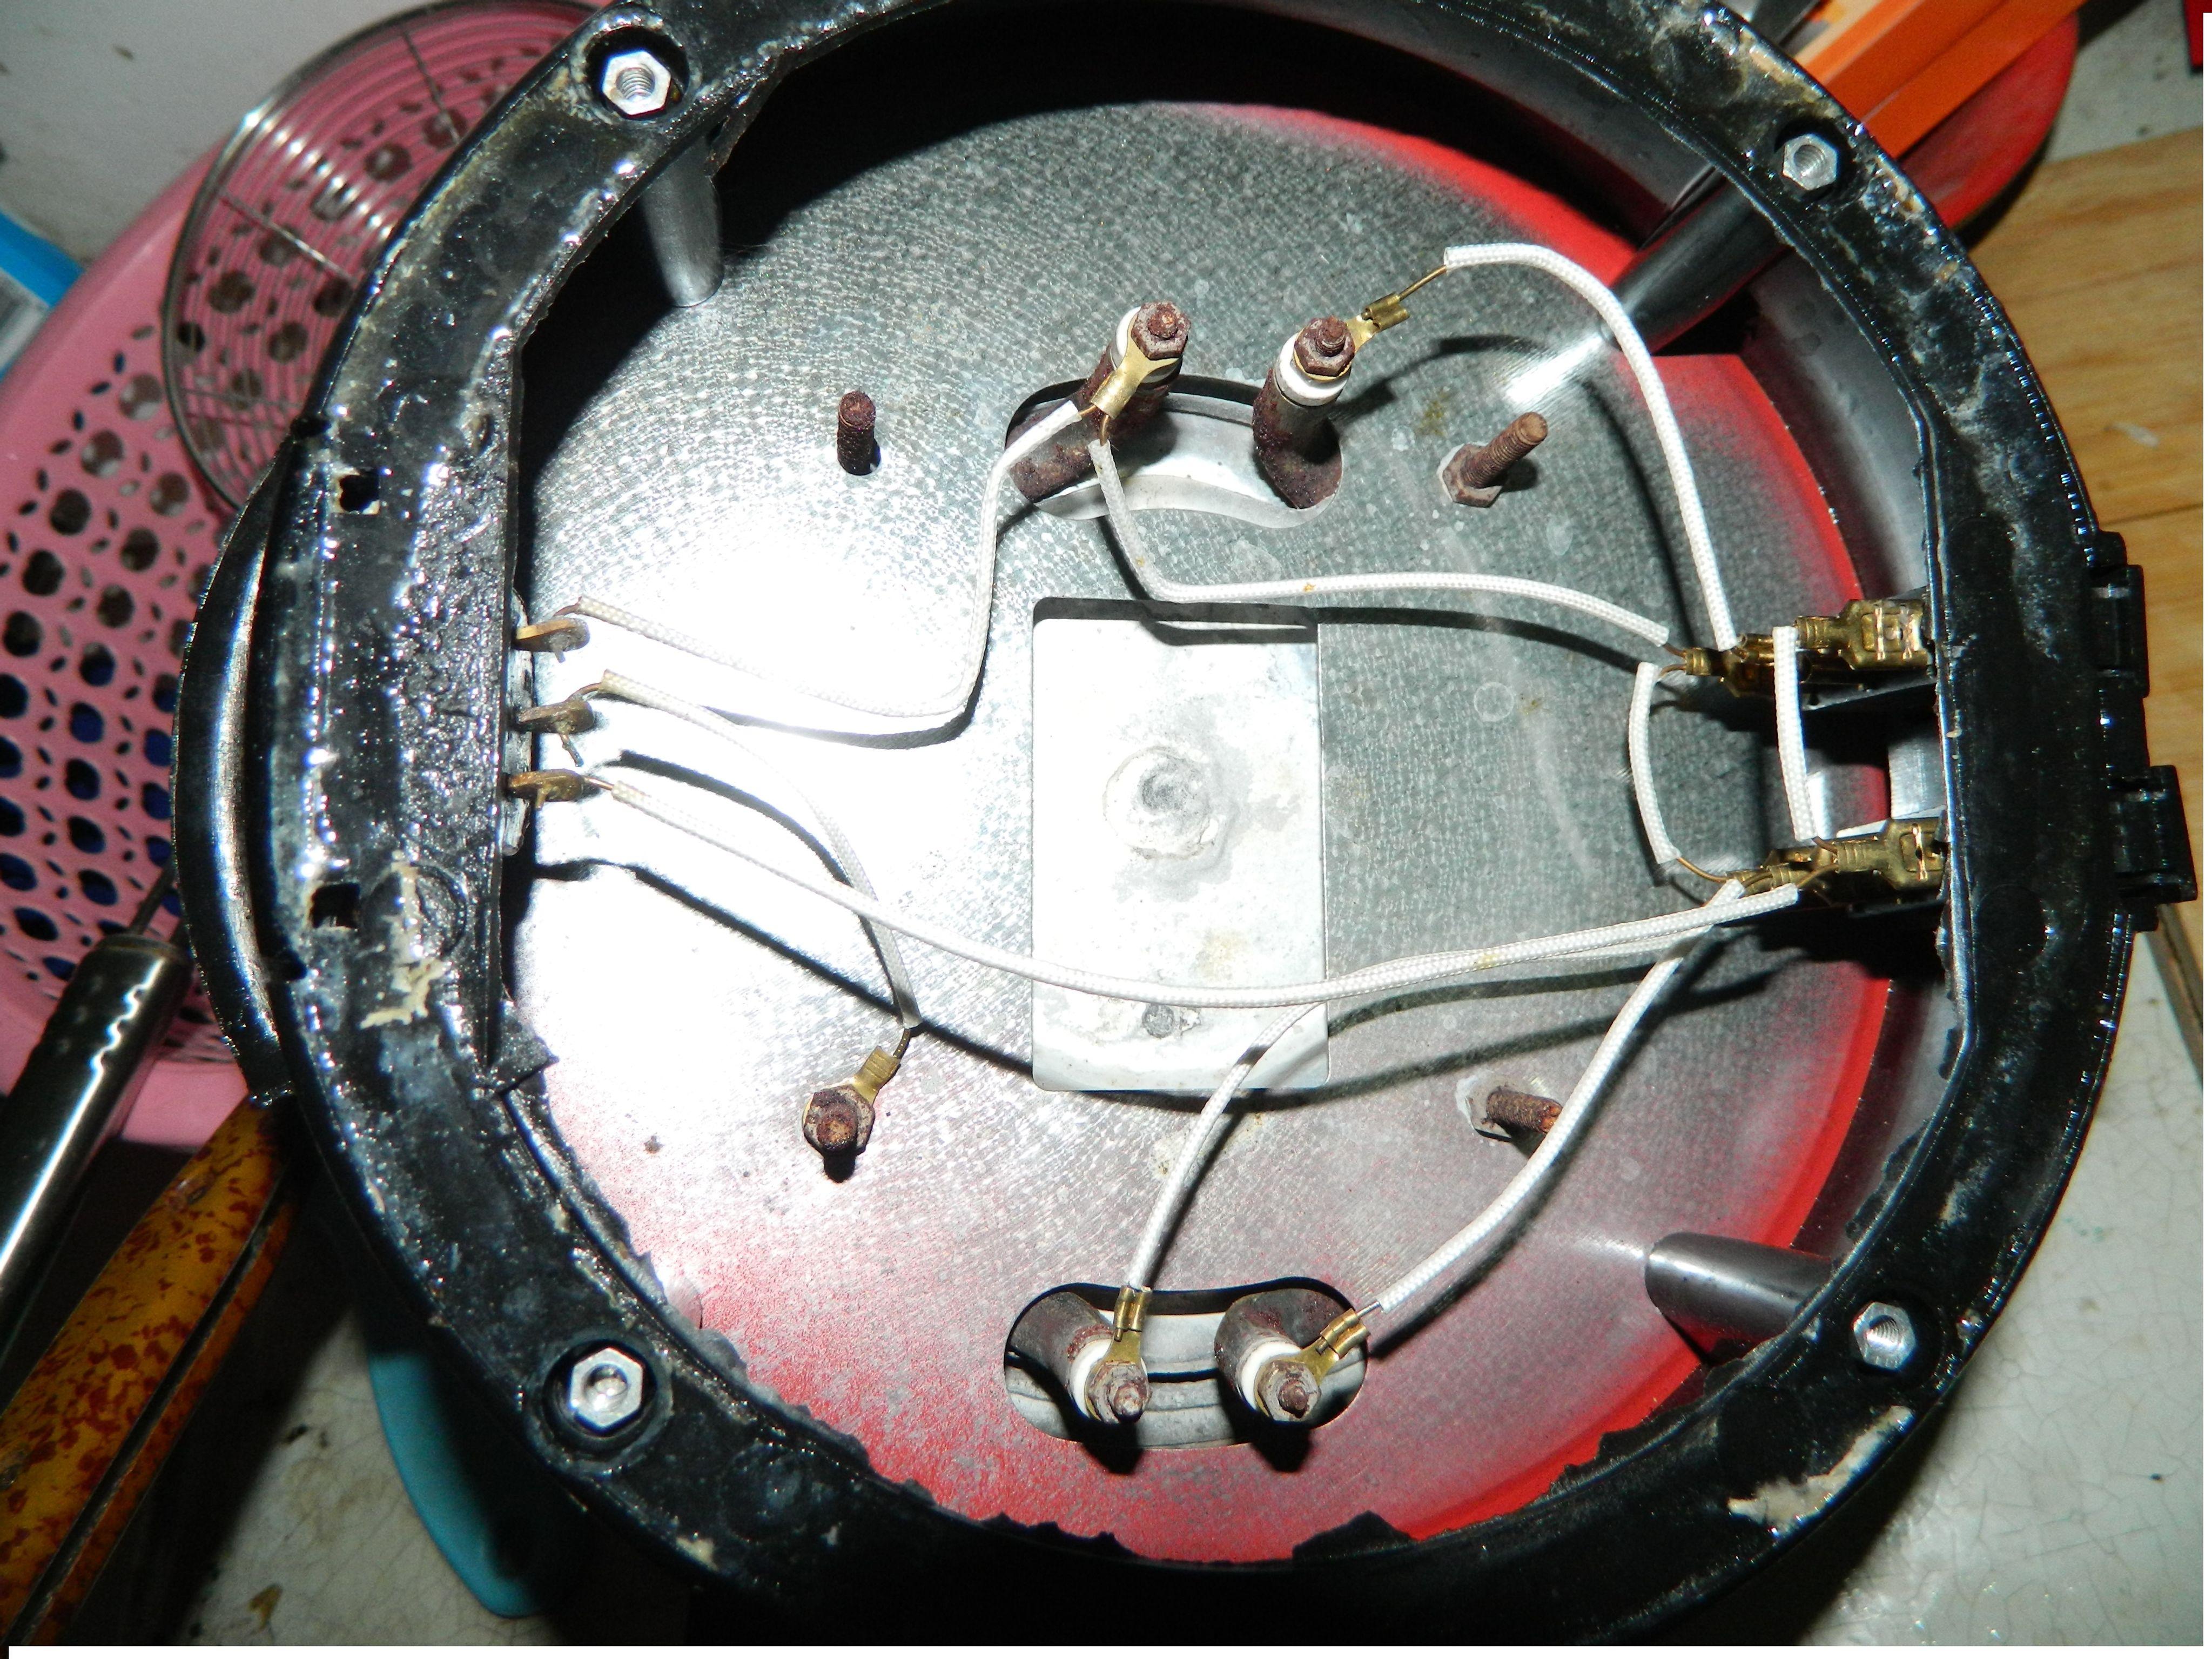 电热锅接线_多动能电热锅开关上中下怎么接线_百度知道